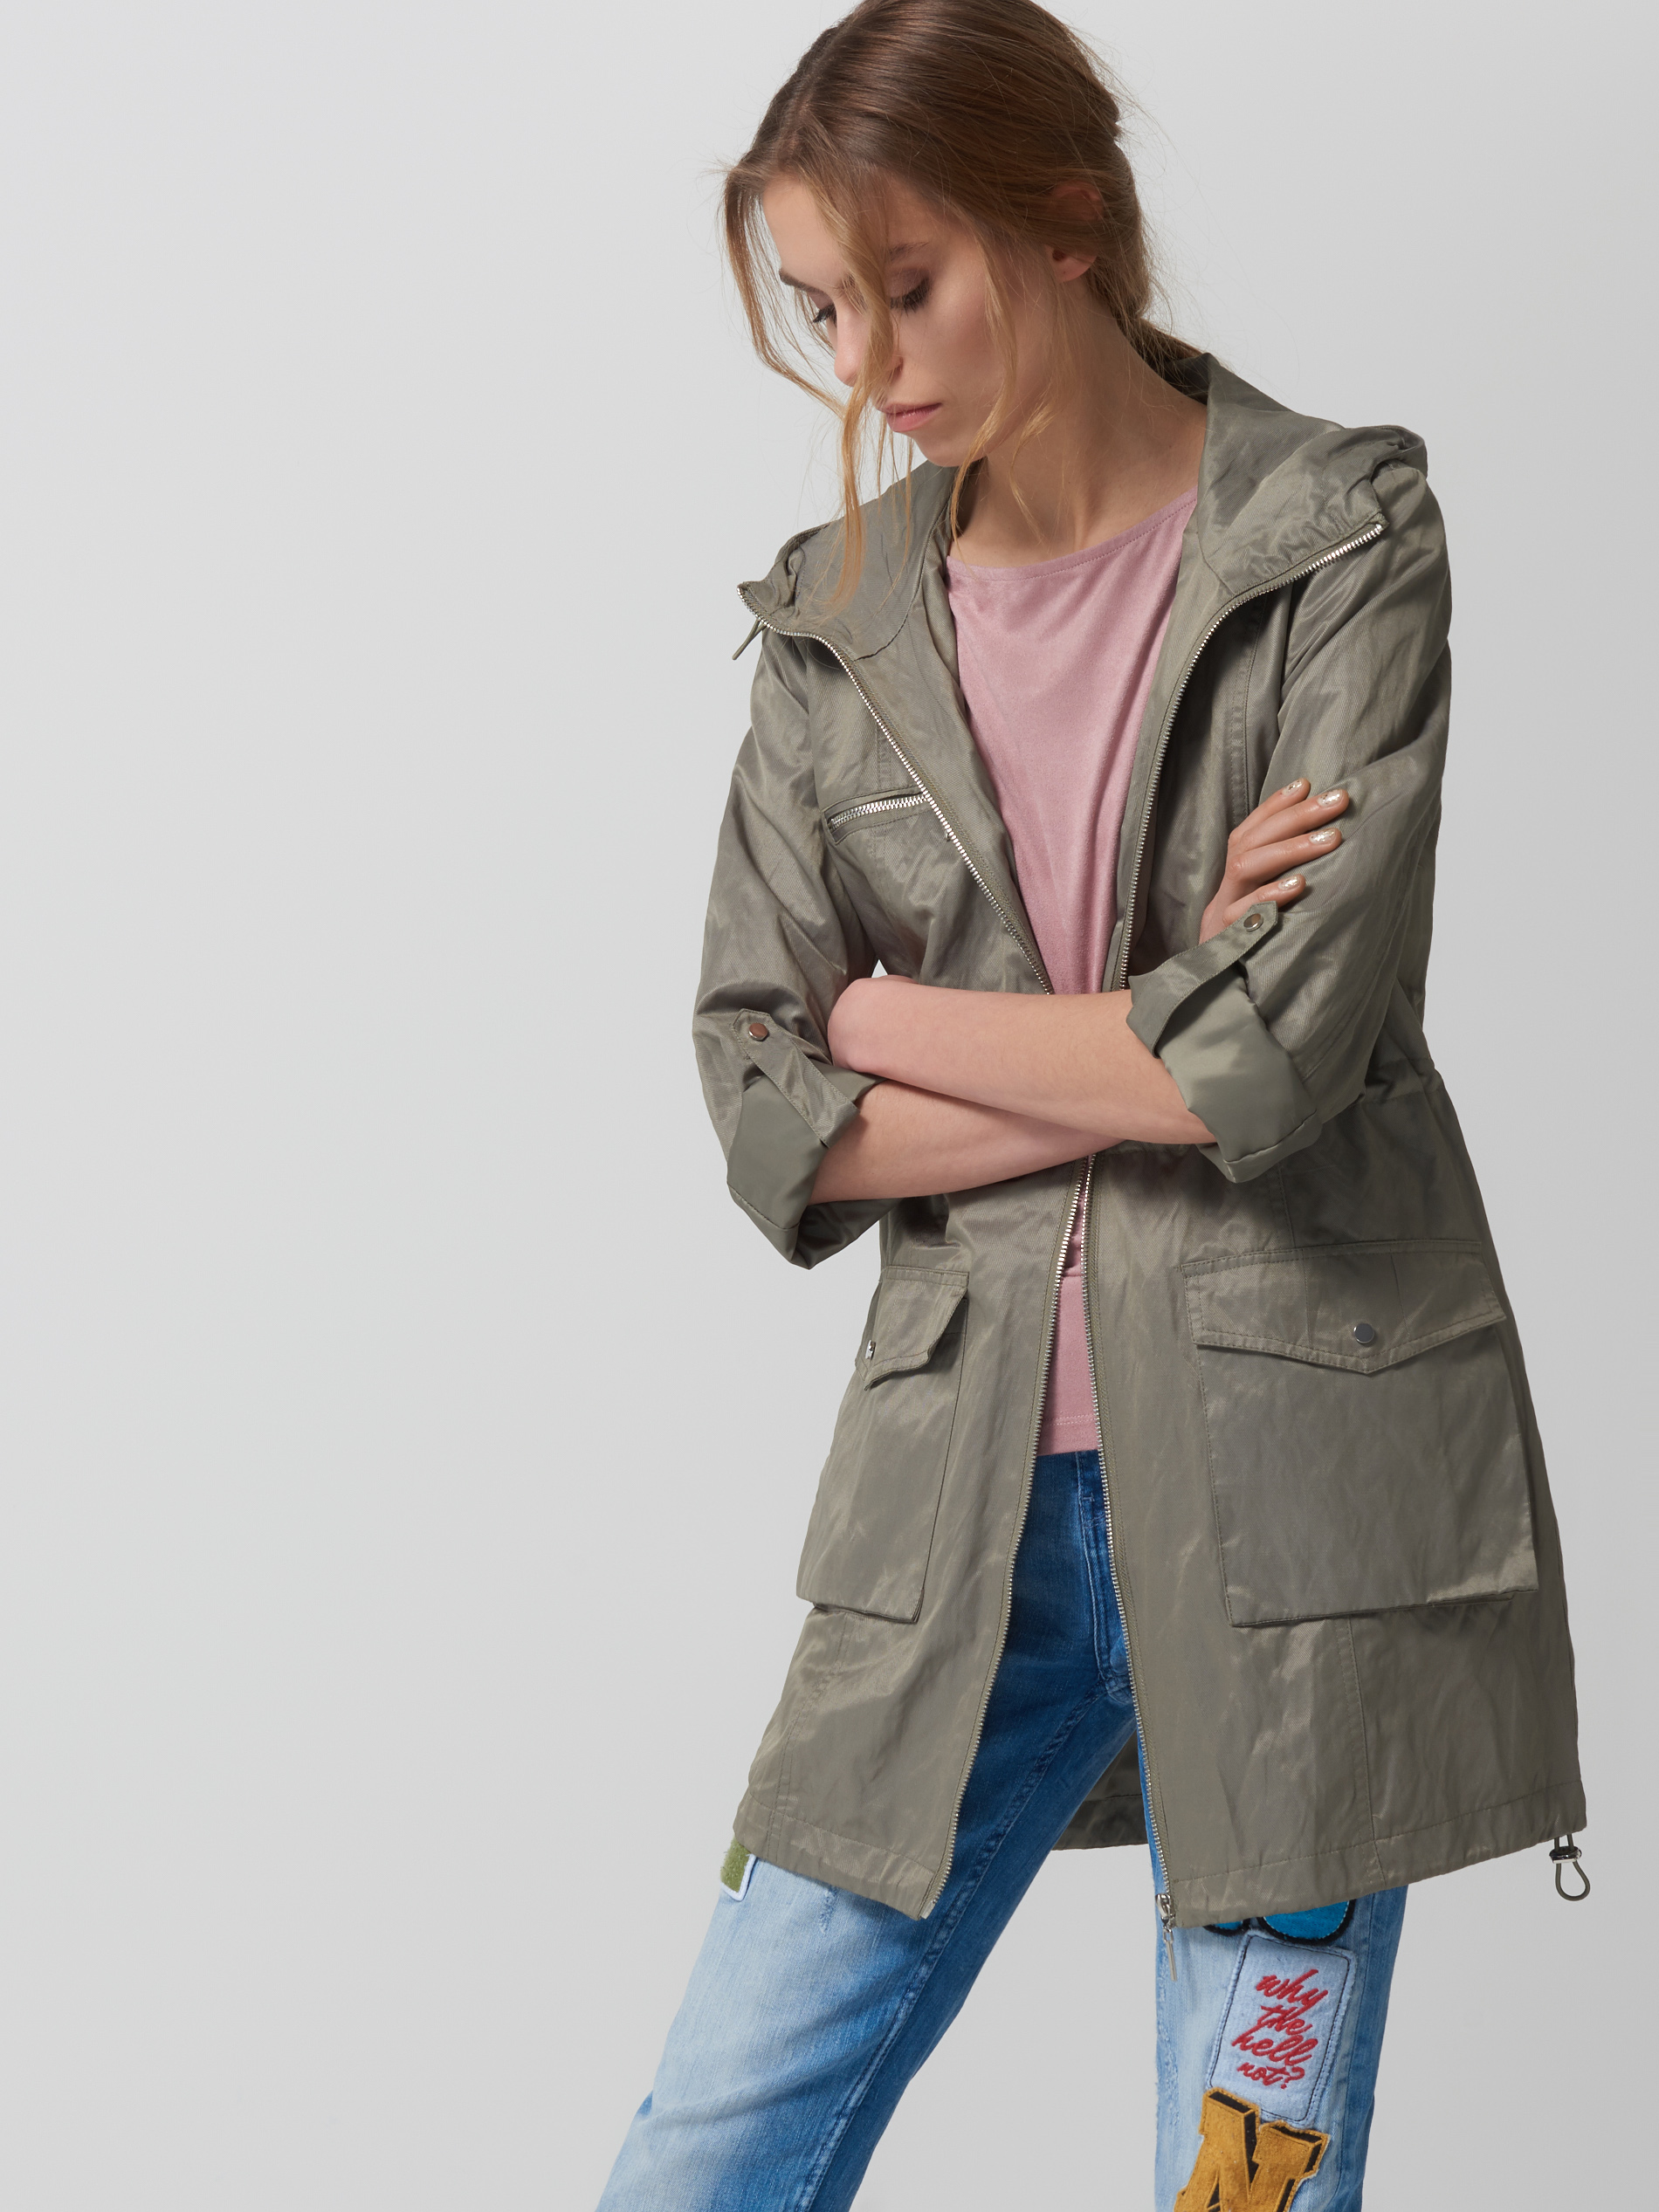 4c3f9729f80dc W końcu pikowana ciemna kurtka nigdy nie wychodzi z mody i z pewnością  będzie Ci służyła nawet przez kilka sezonów. mohito.com